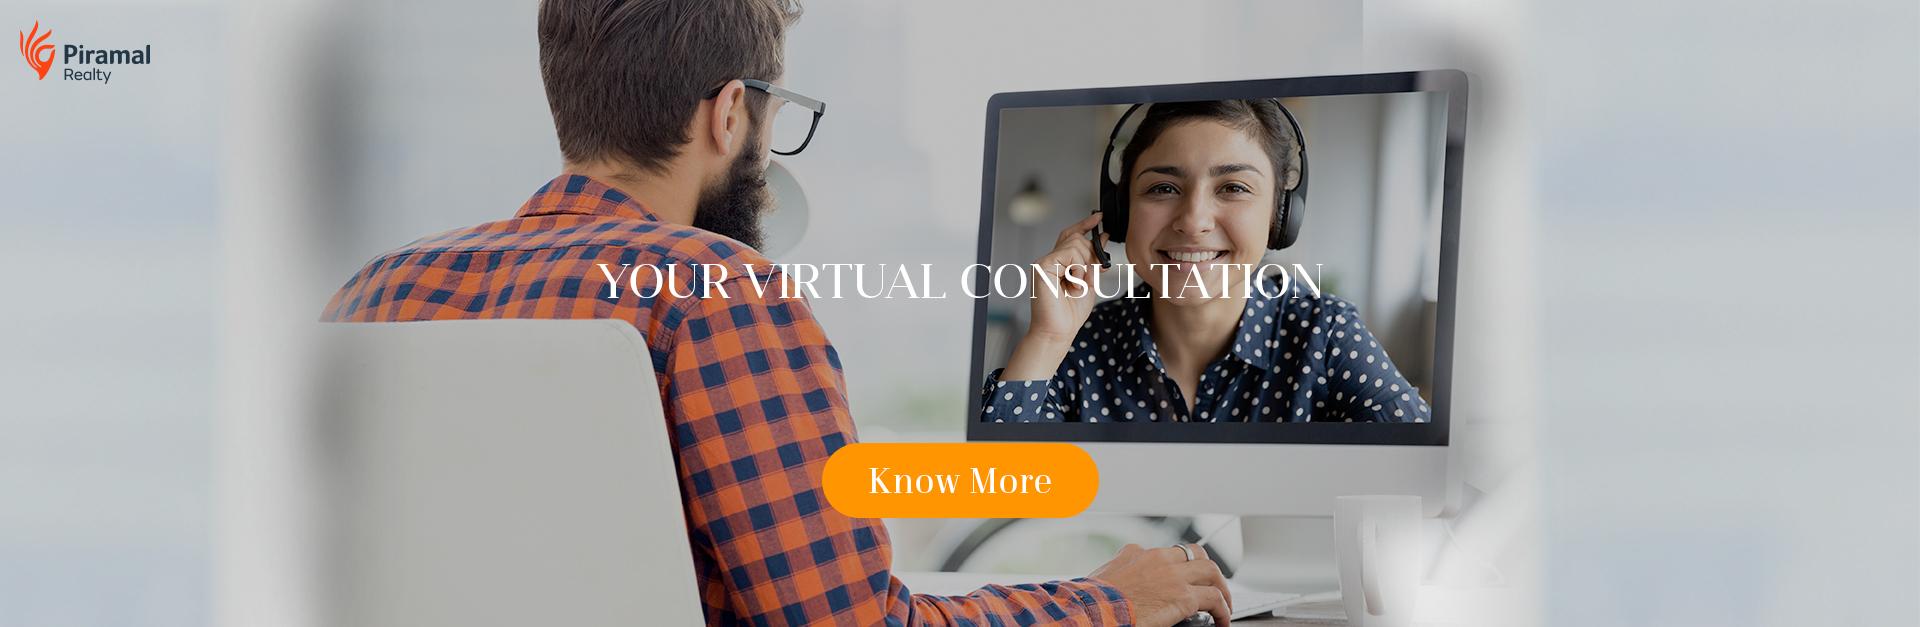 virtual consultation